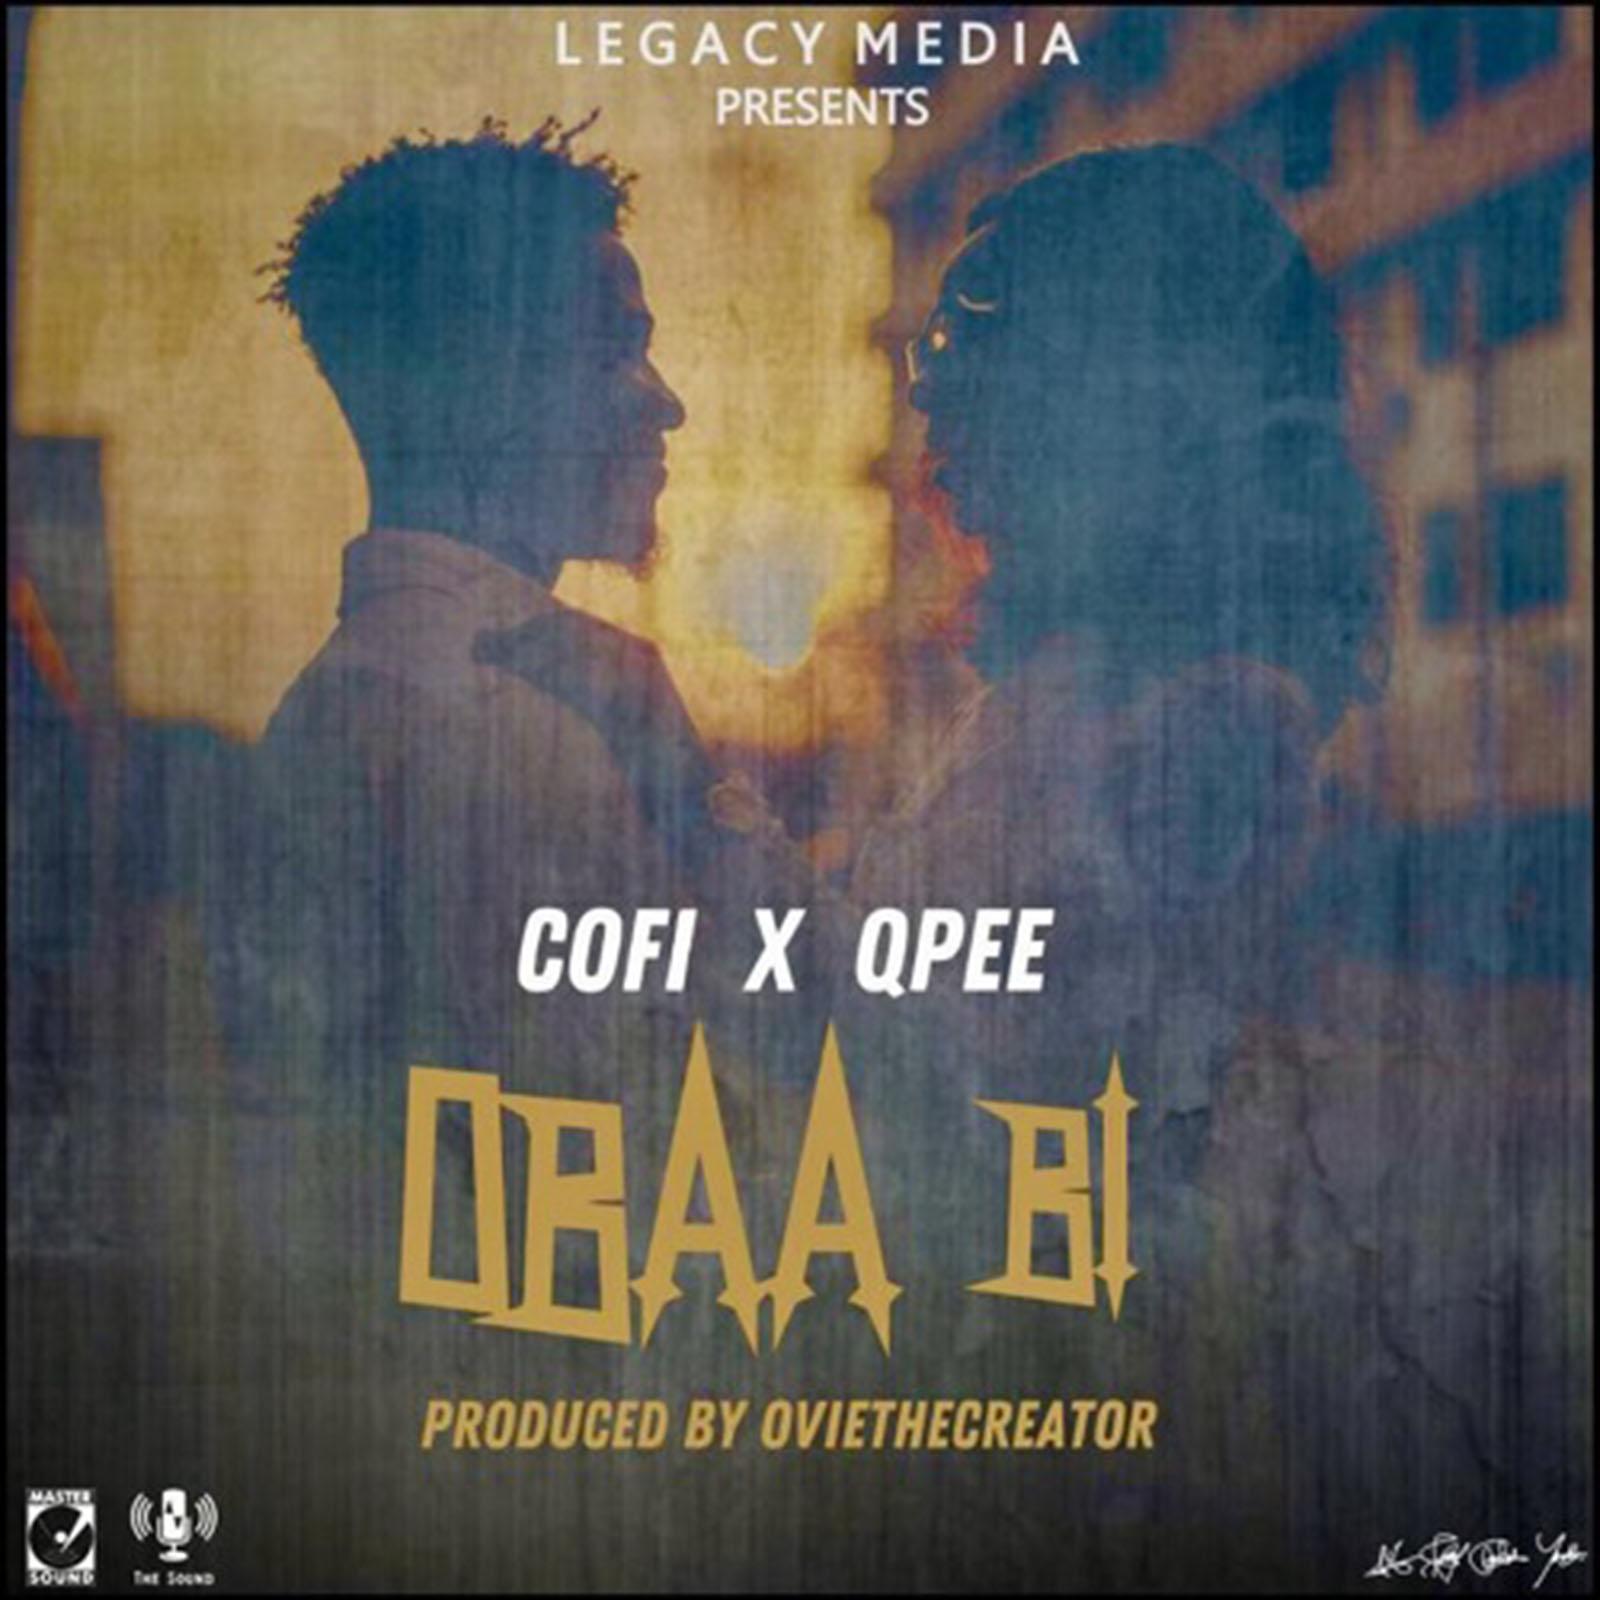 Obaa bi by Qpee & Cofi